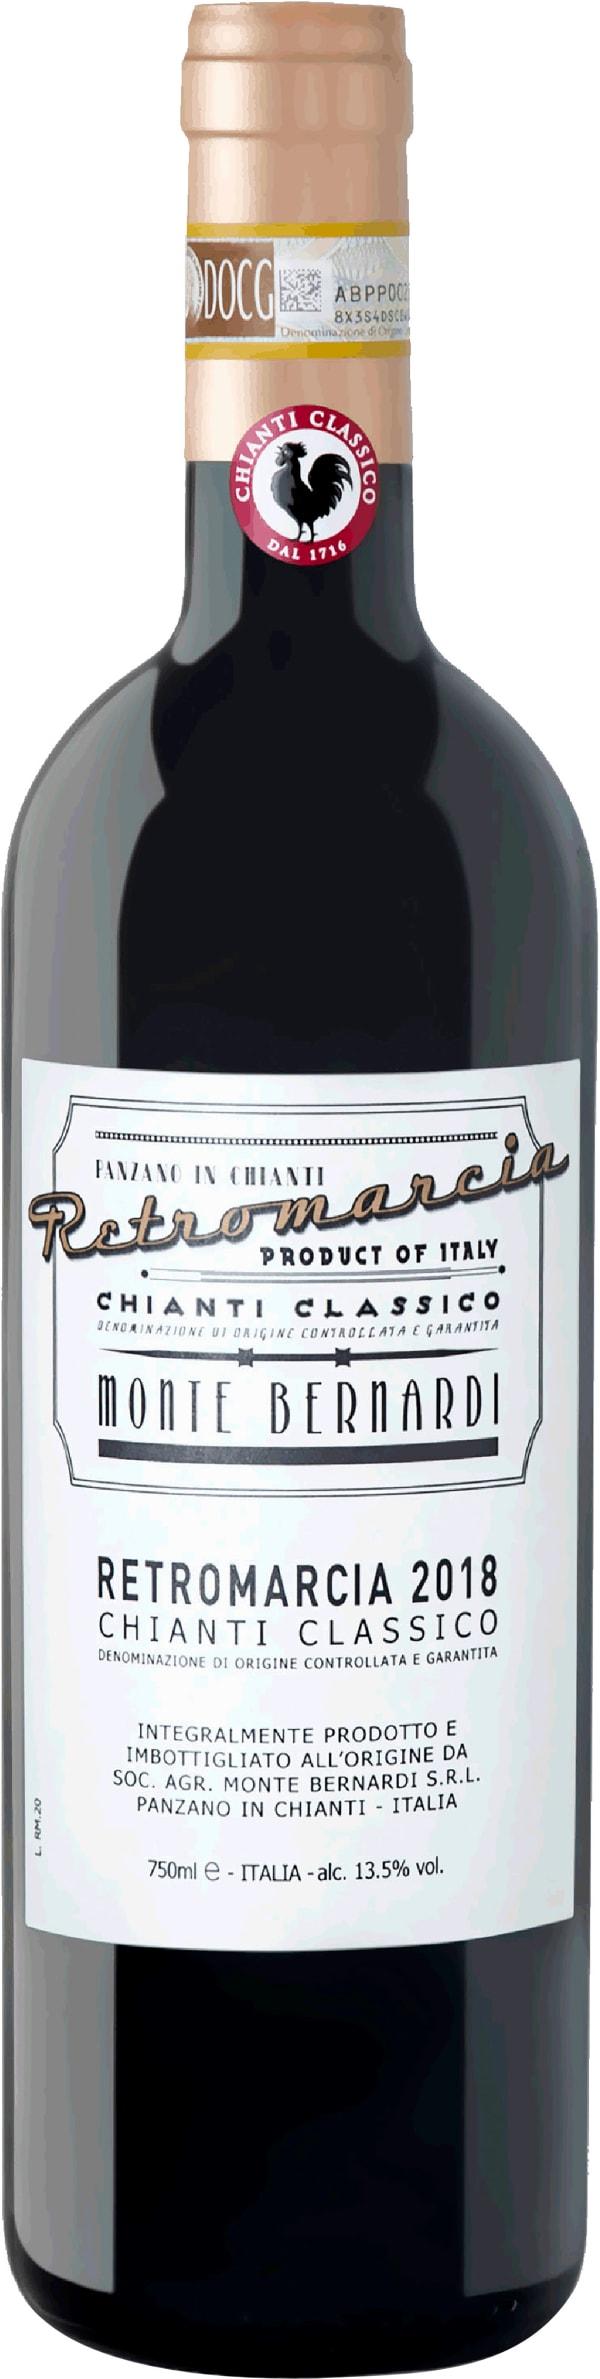 Monte Bernardi Retromarcia Chianti Classico 2018